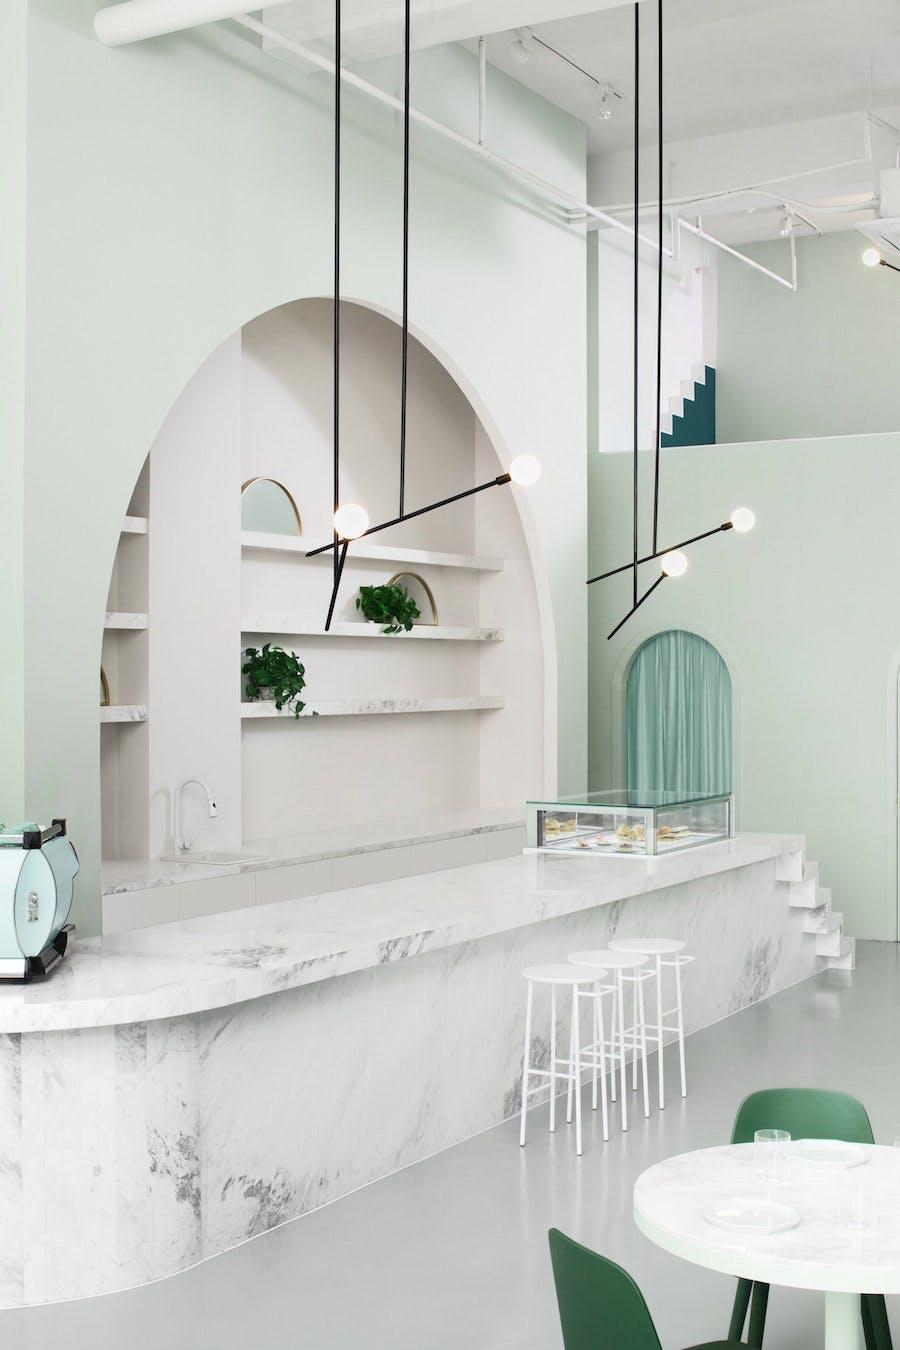 pastel farver feminin indrening cafe grøn mint bar